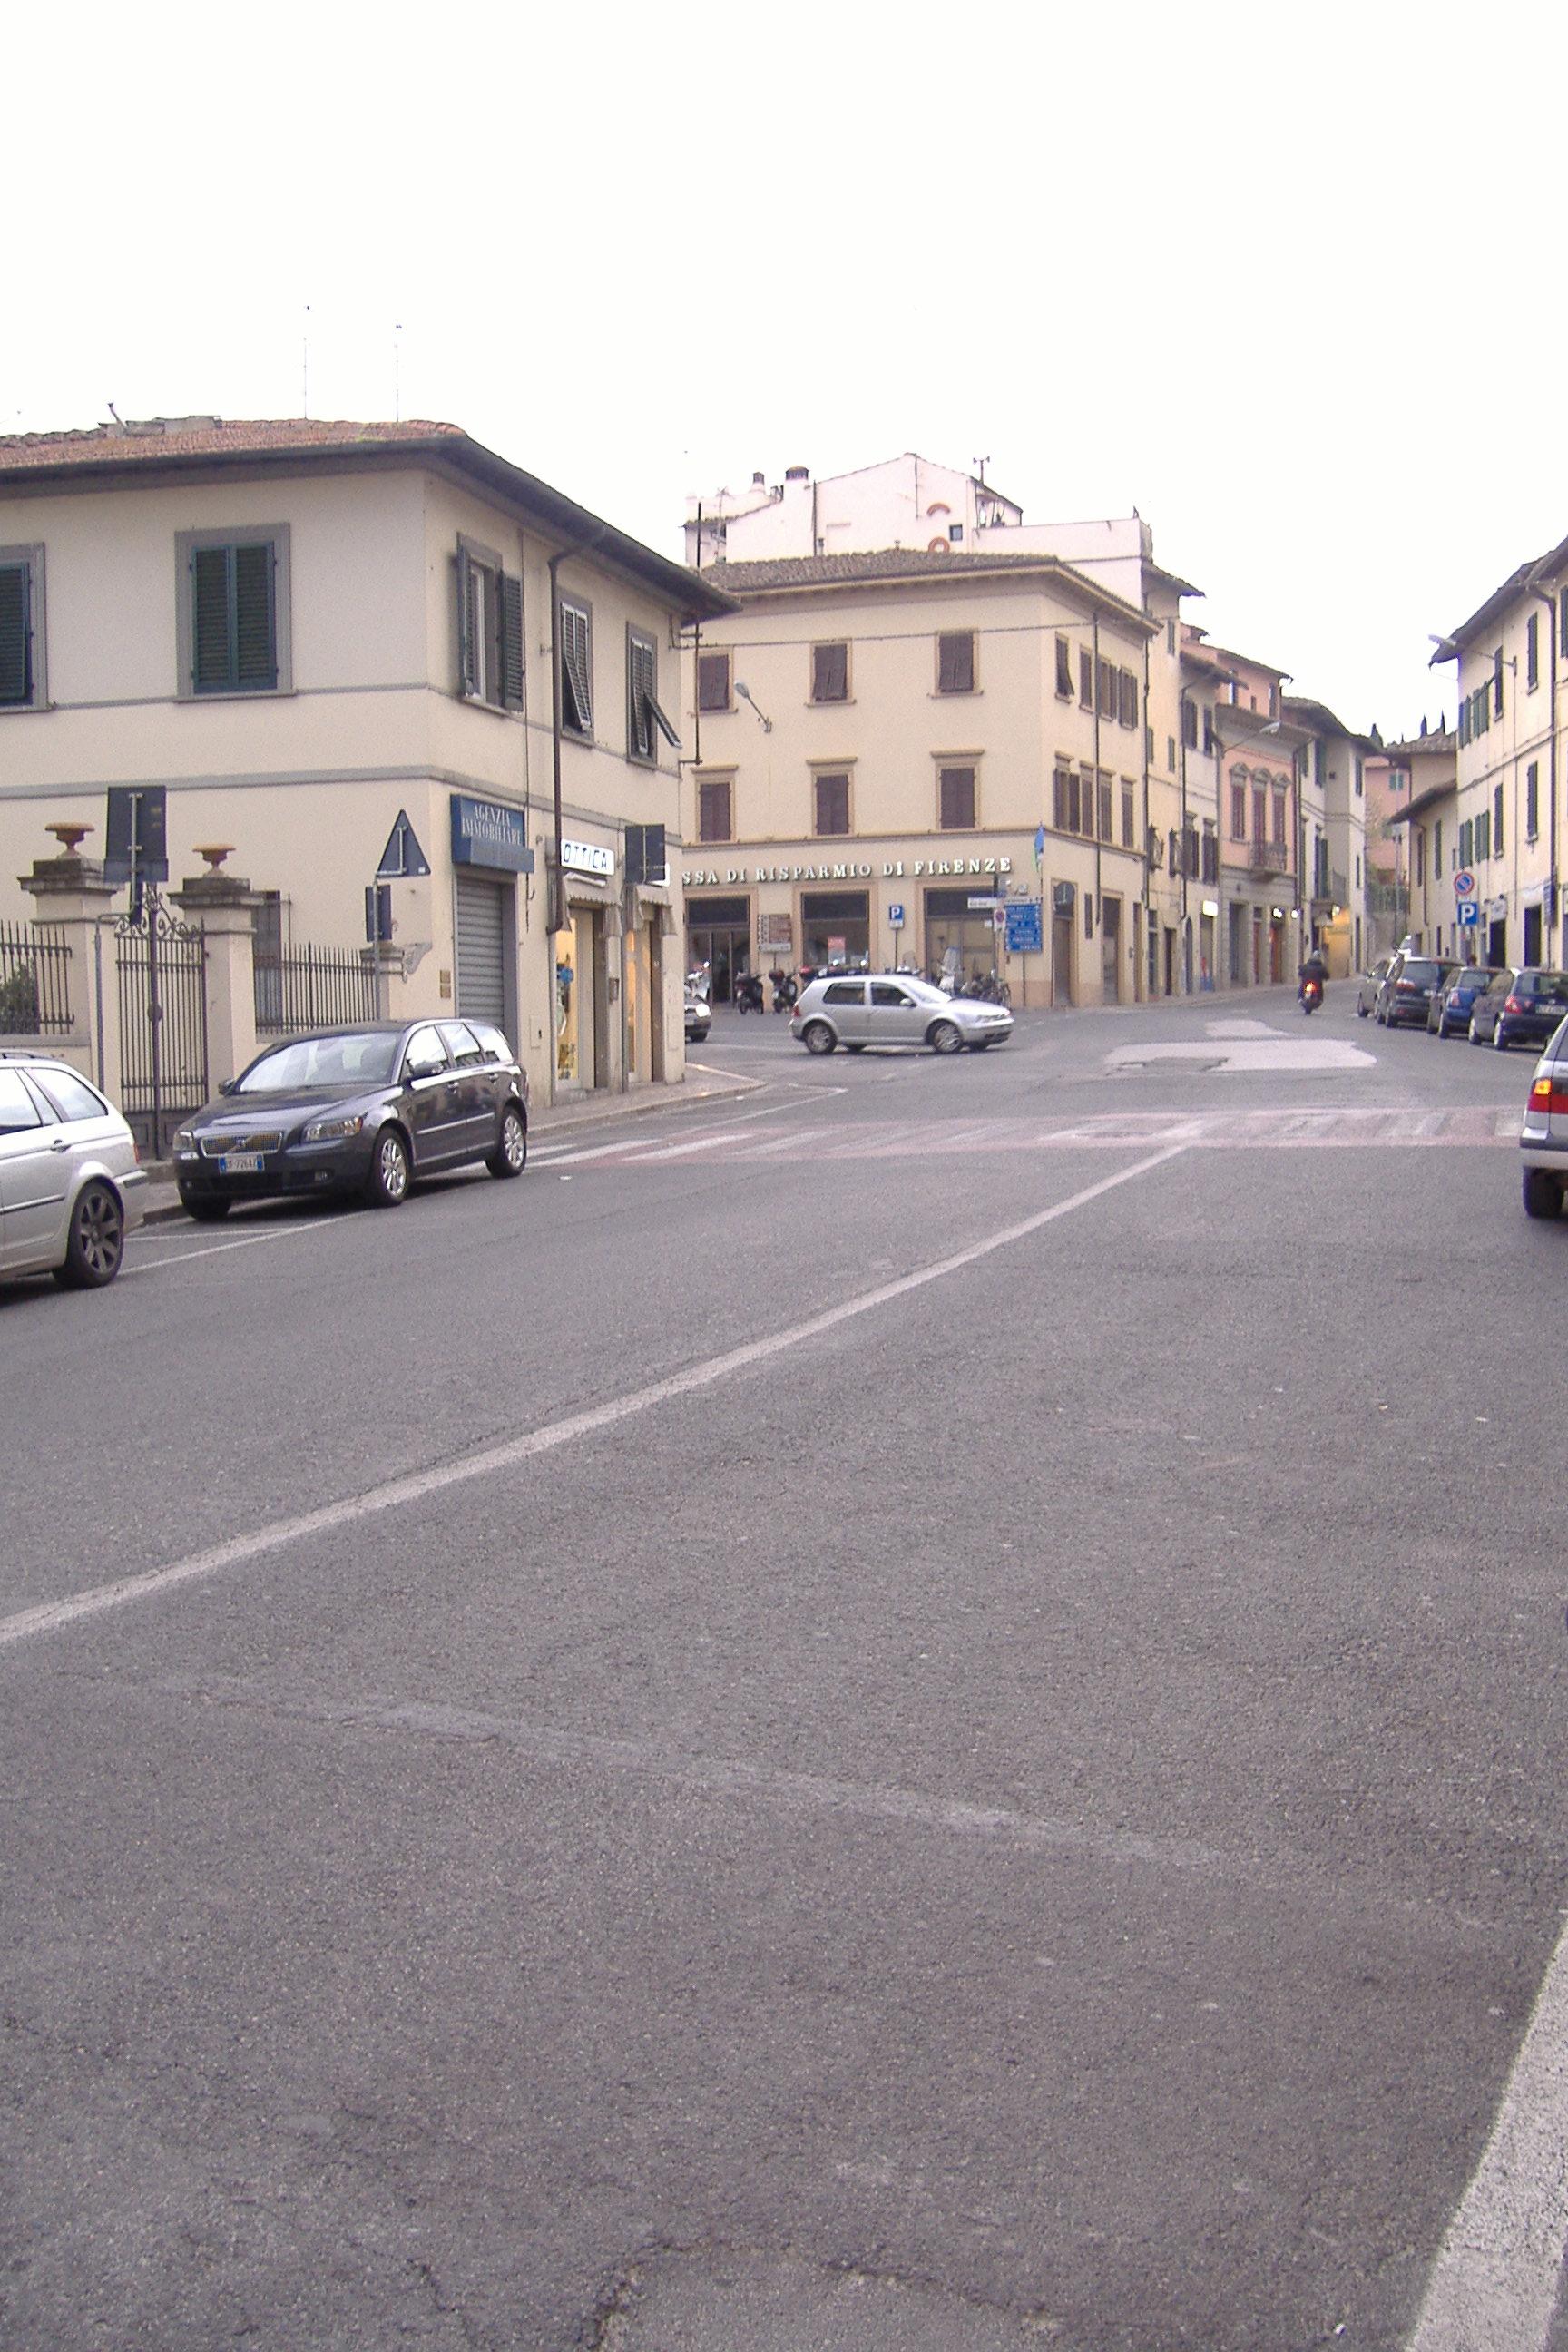 File:Bagno a Ripoli - Centro.JPG - Wikimedia Commons